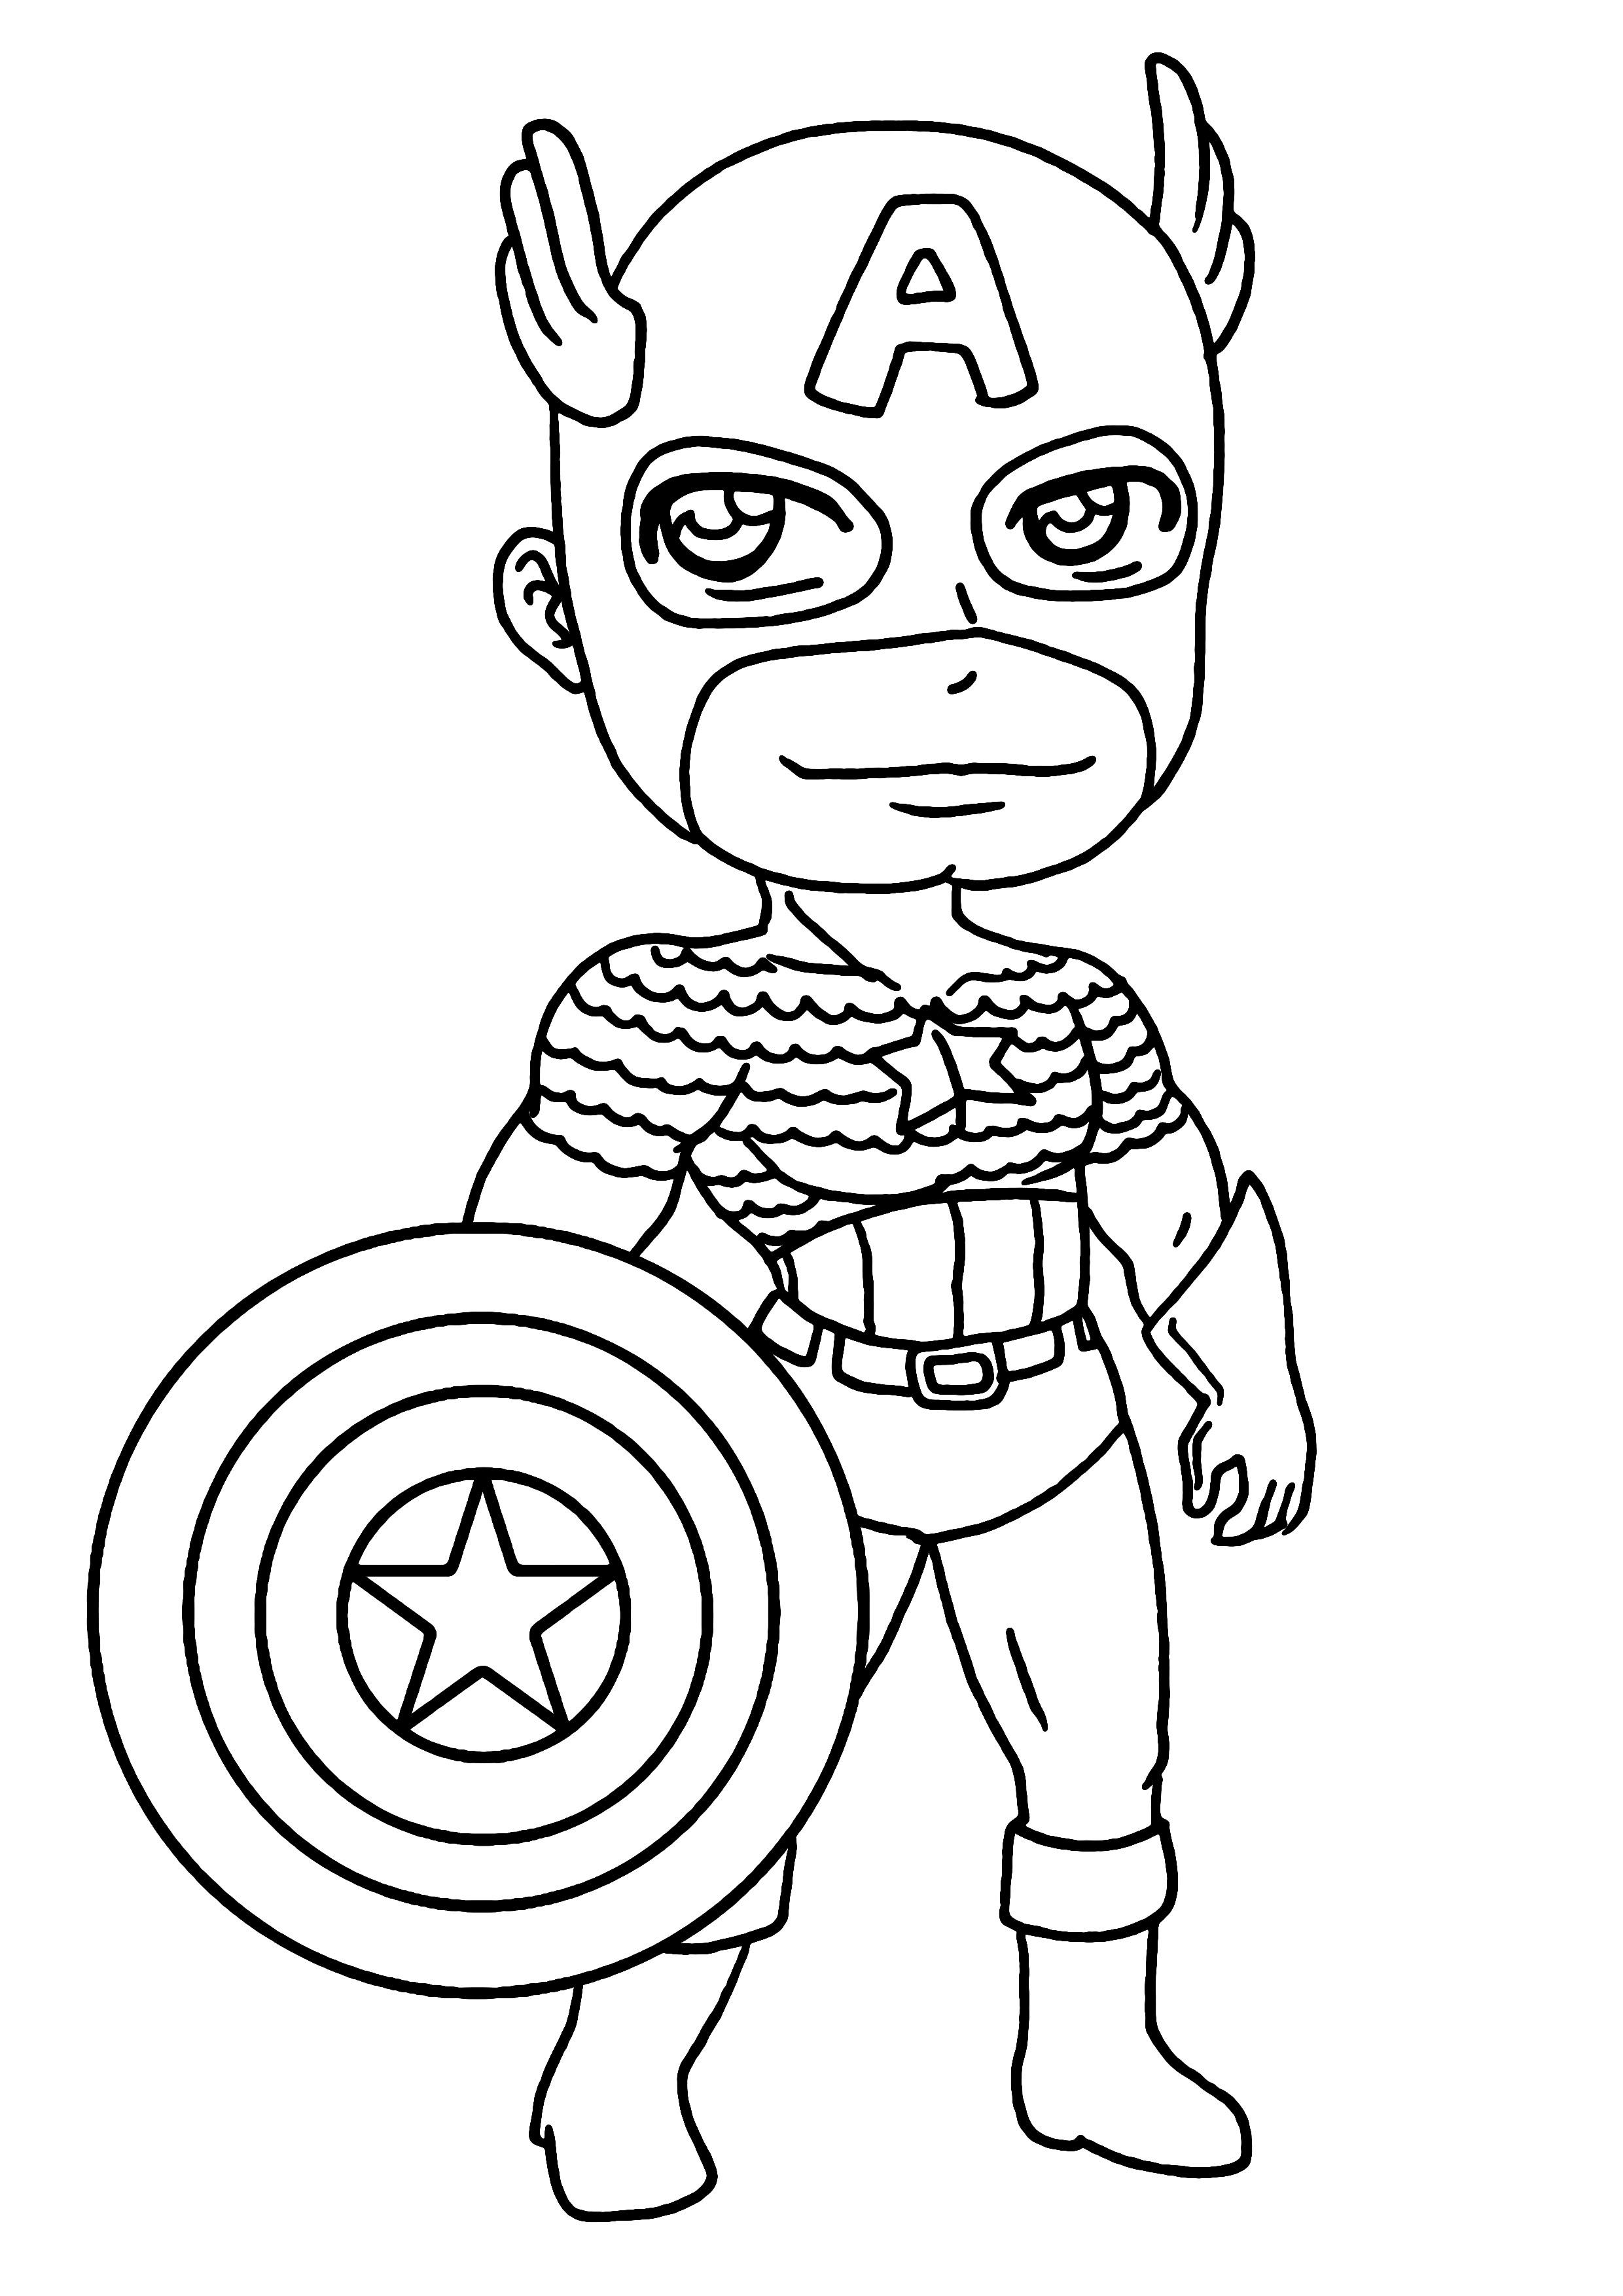 171 Dibujos De Superhéroes Para Colorear Oh Kids Page 16